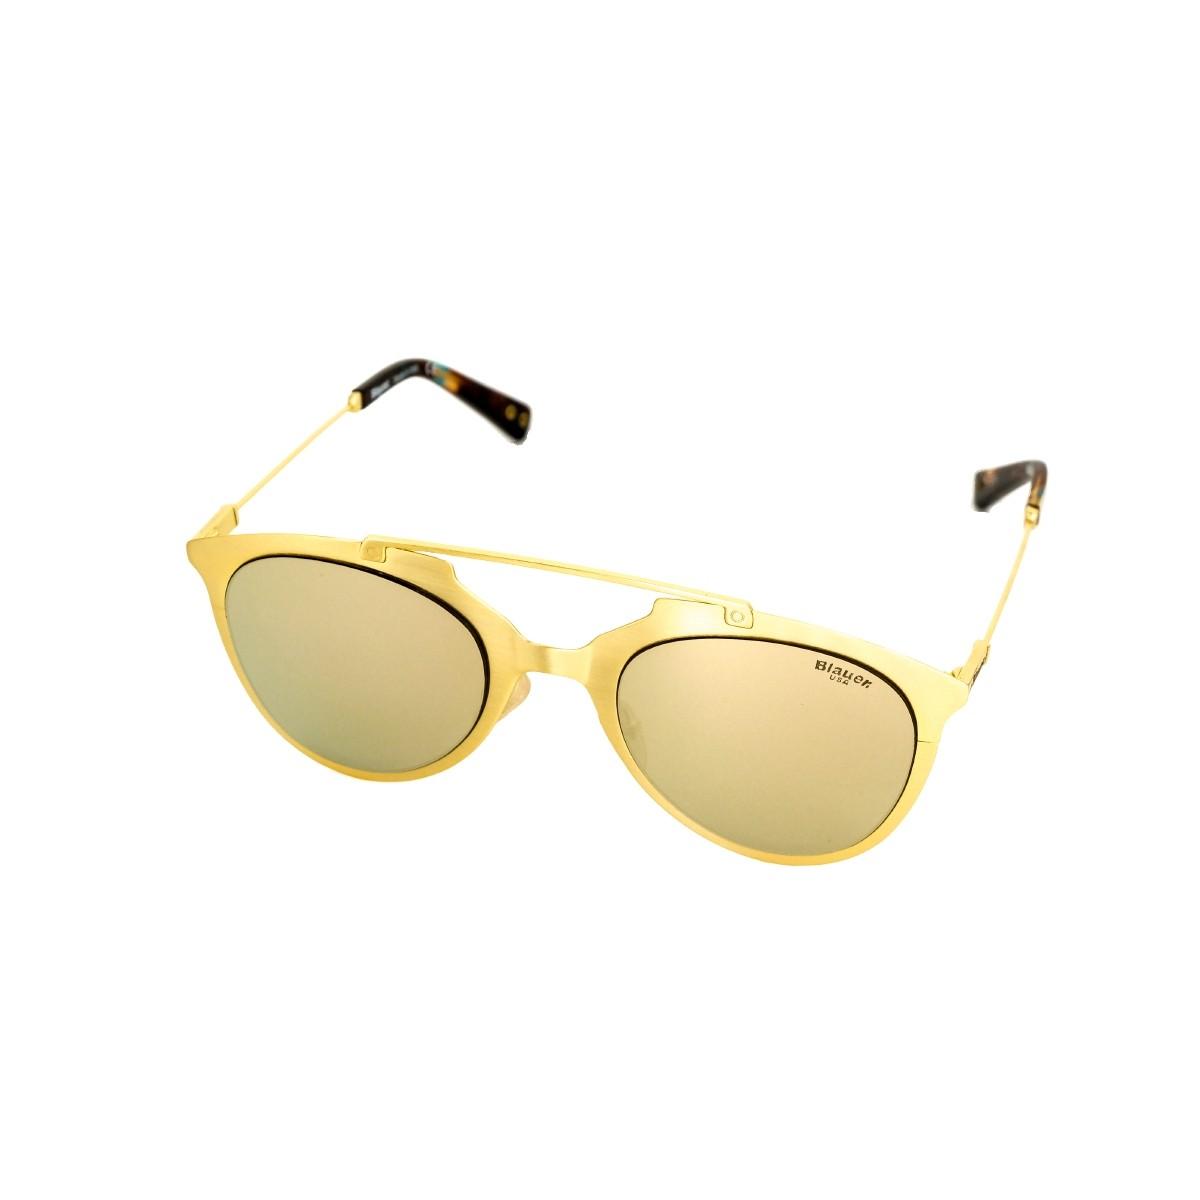 Blauer 508 oro 06, 158,00€, Occhiali Blauer Oro a forma Goccia aviator